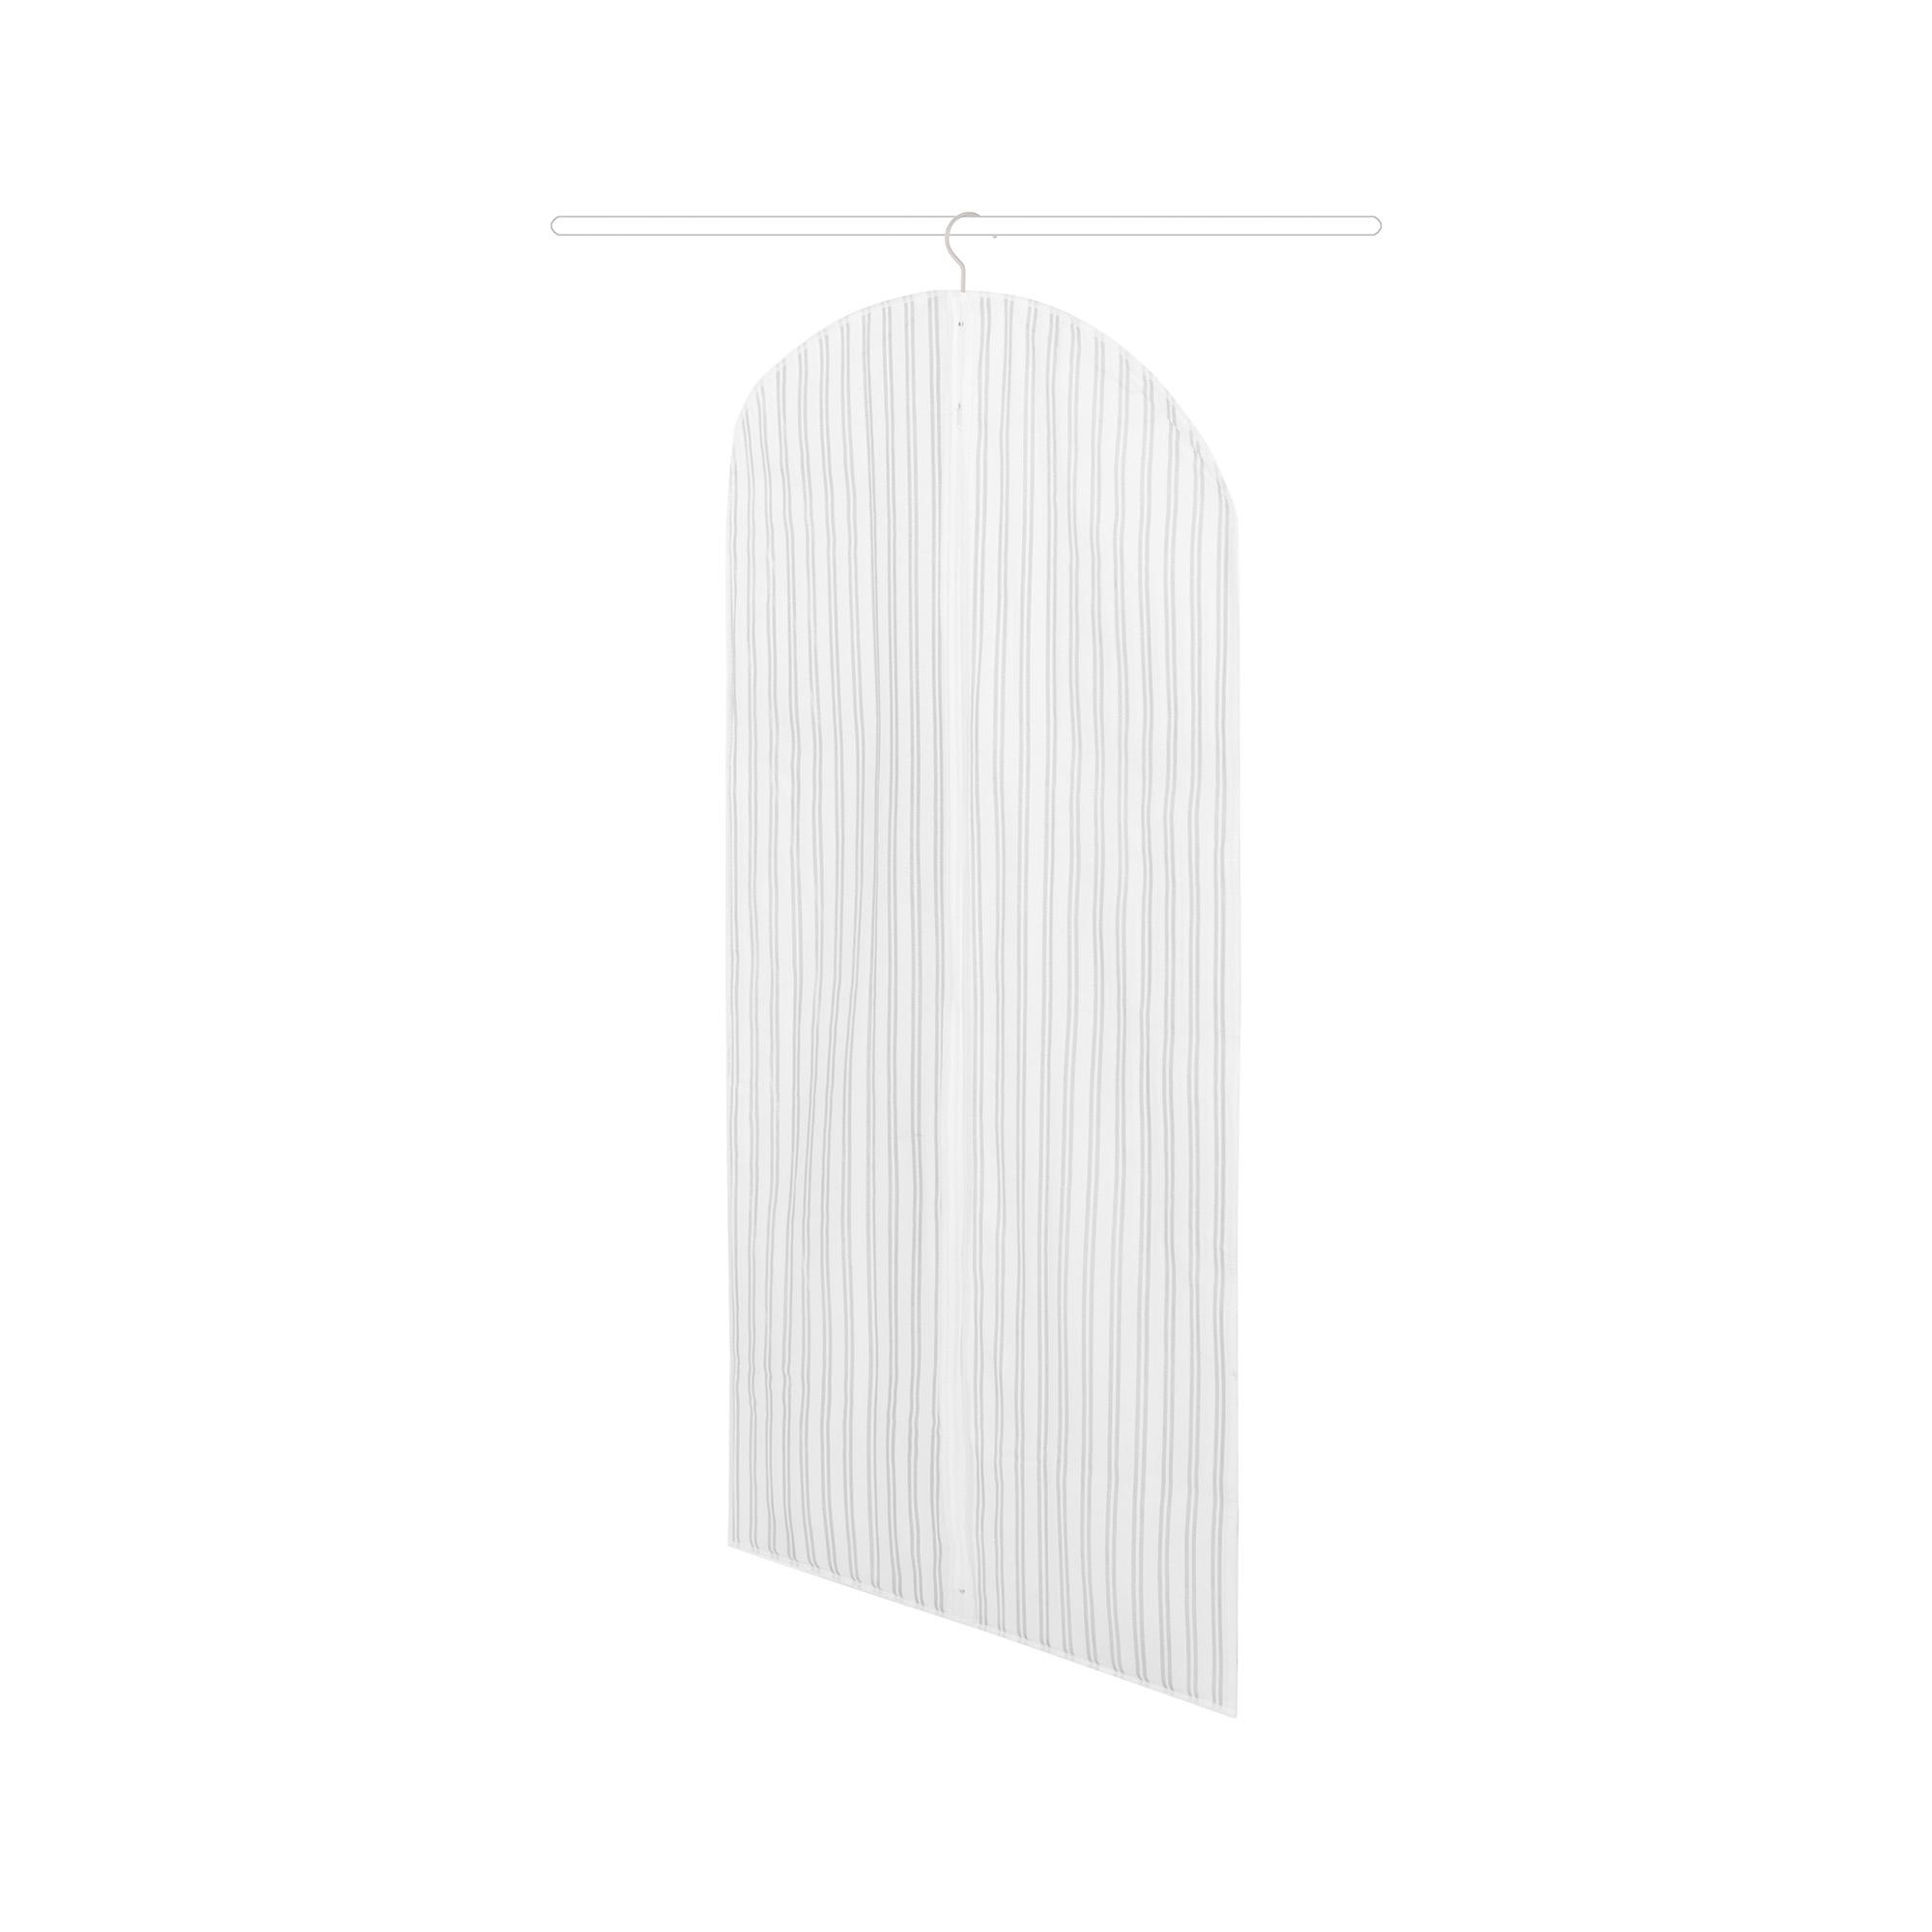 Housse pour vêtements à rayures 60x137cm